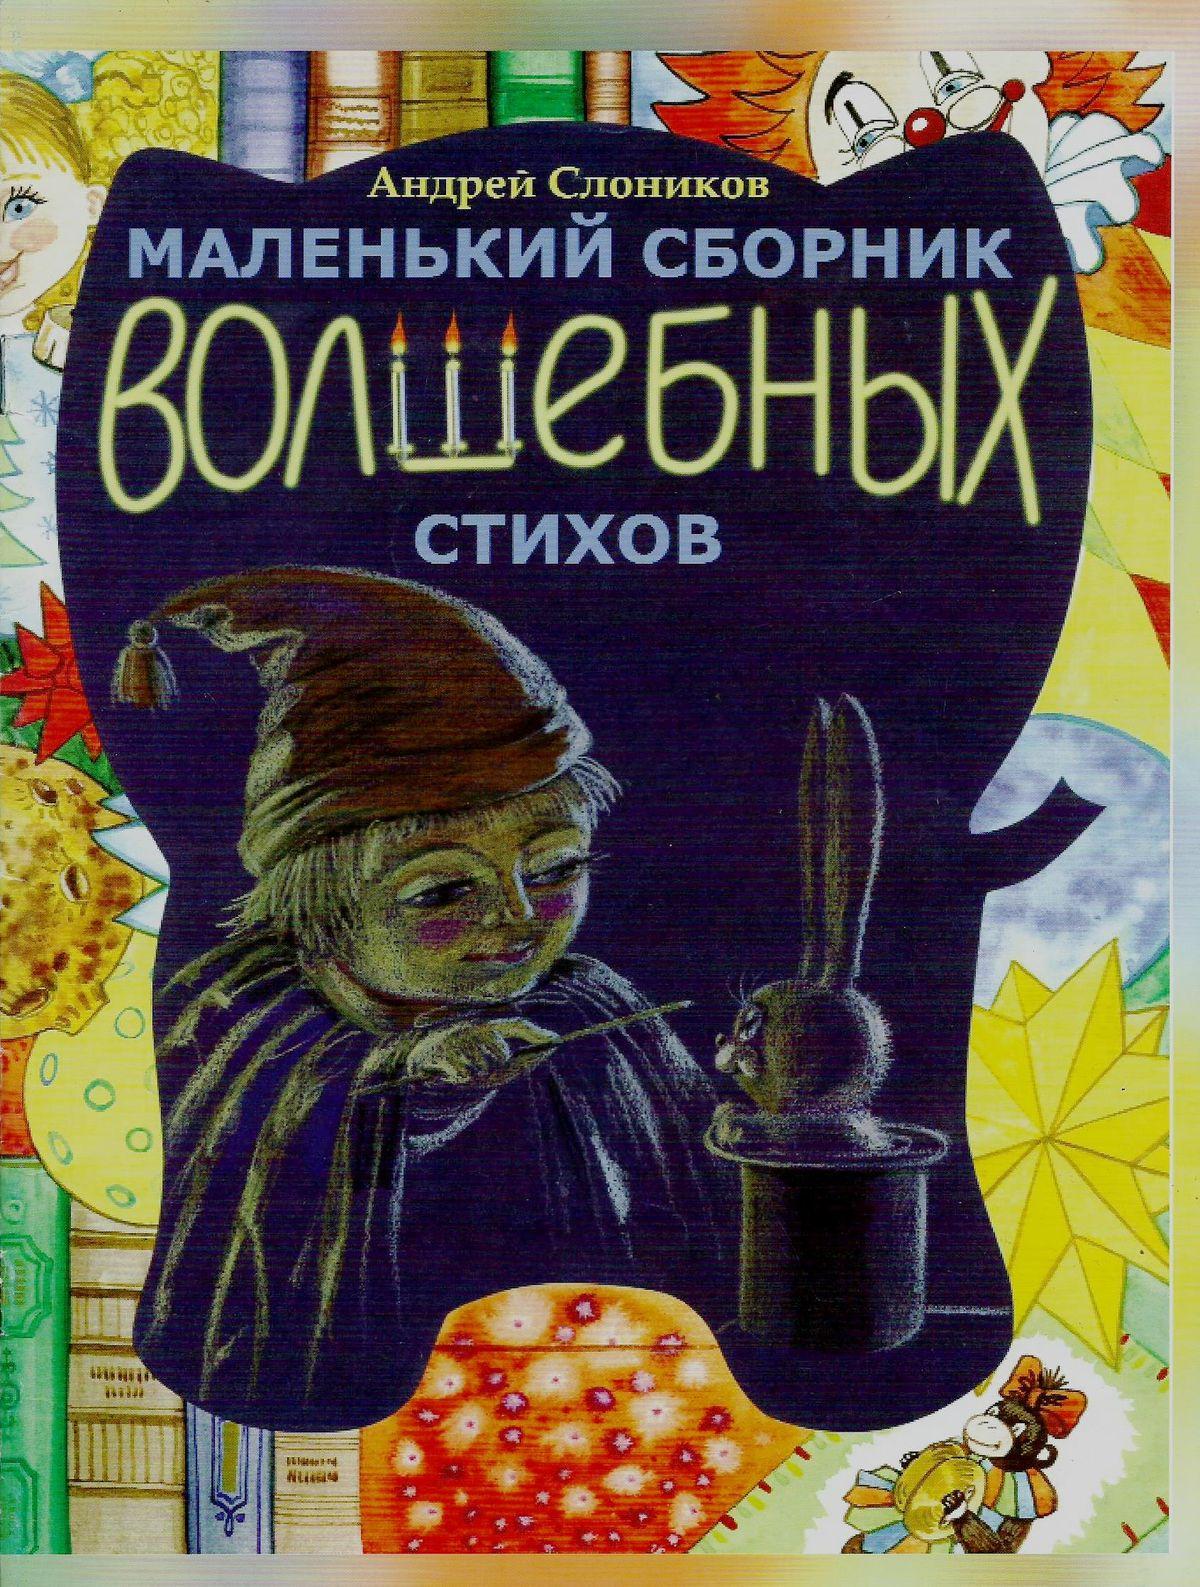 Детская книга «Маленький сборник волшебных стихов»